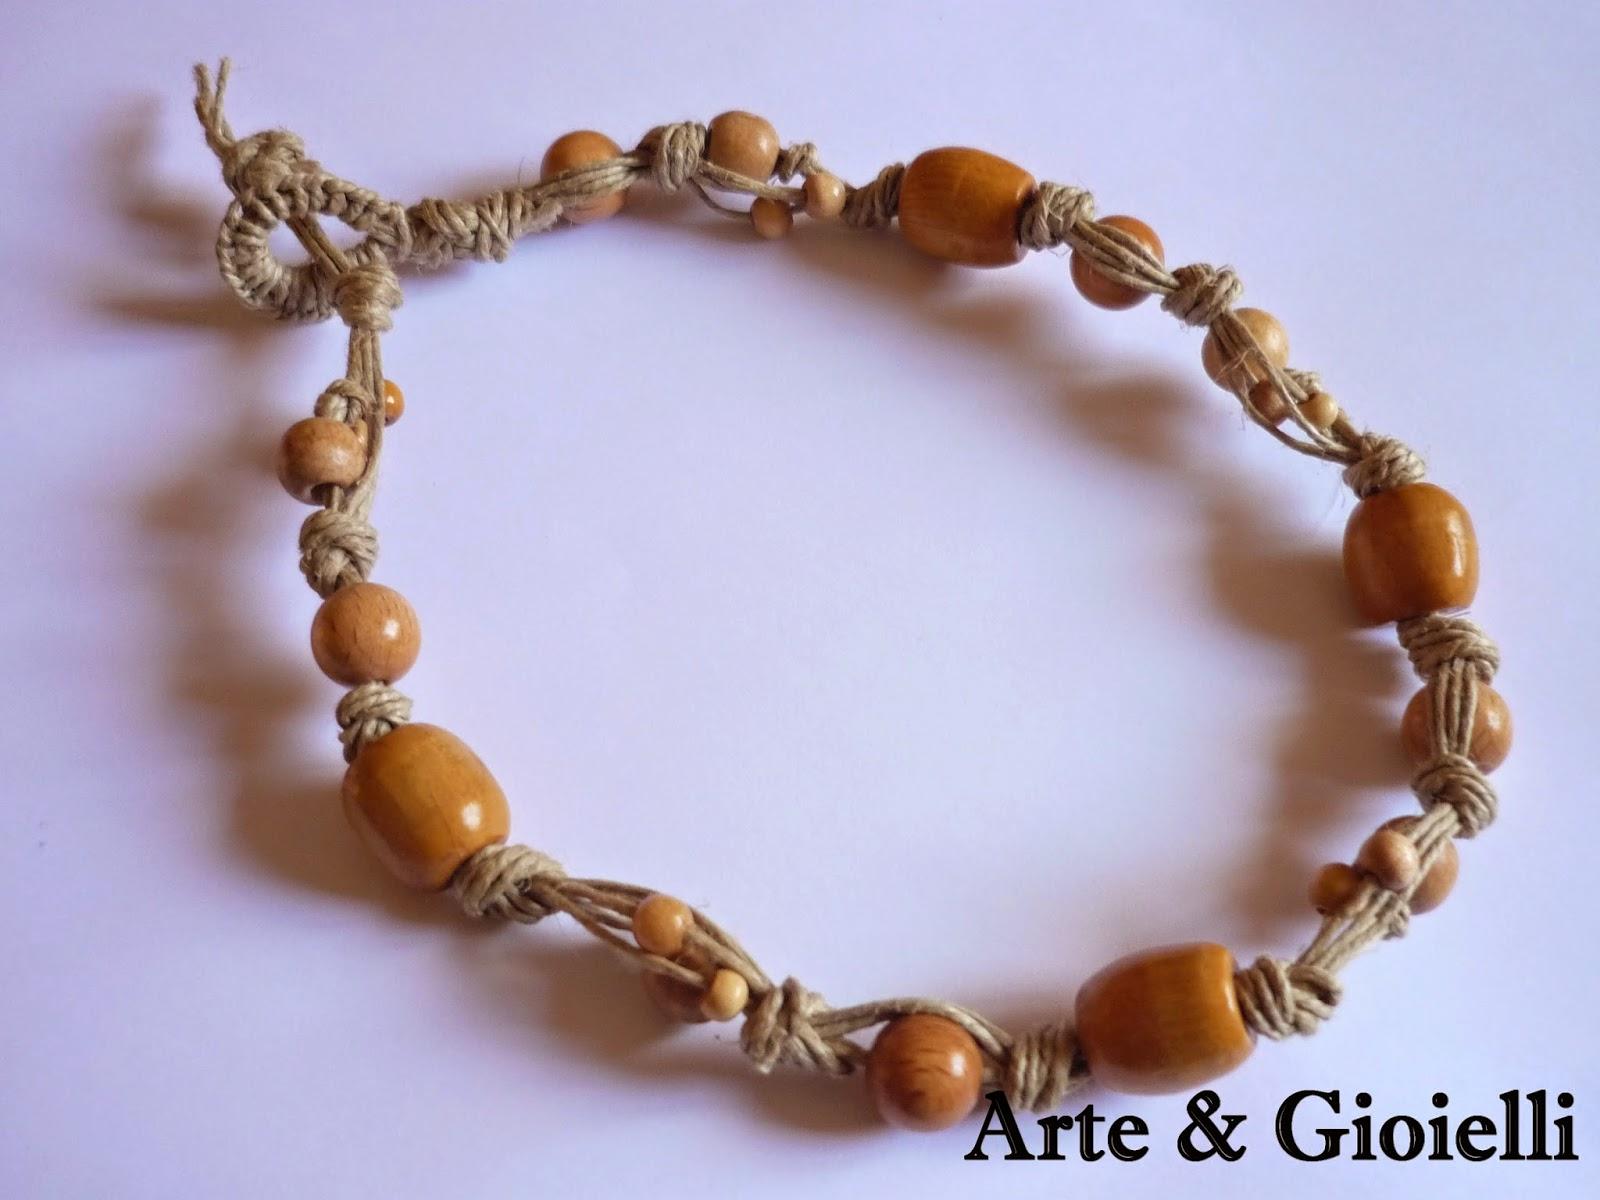 Arte gioielli collane in spago e cotone for Siti cinesi gioielli